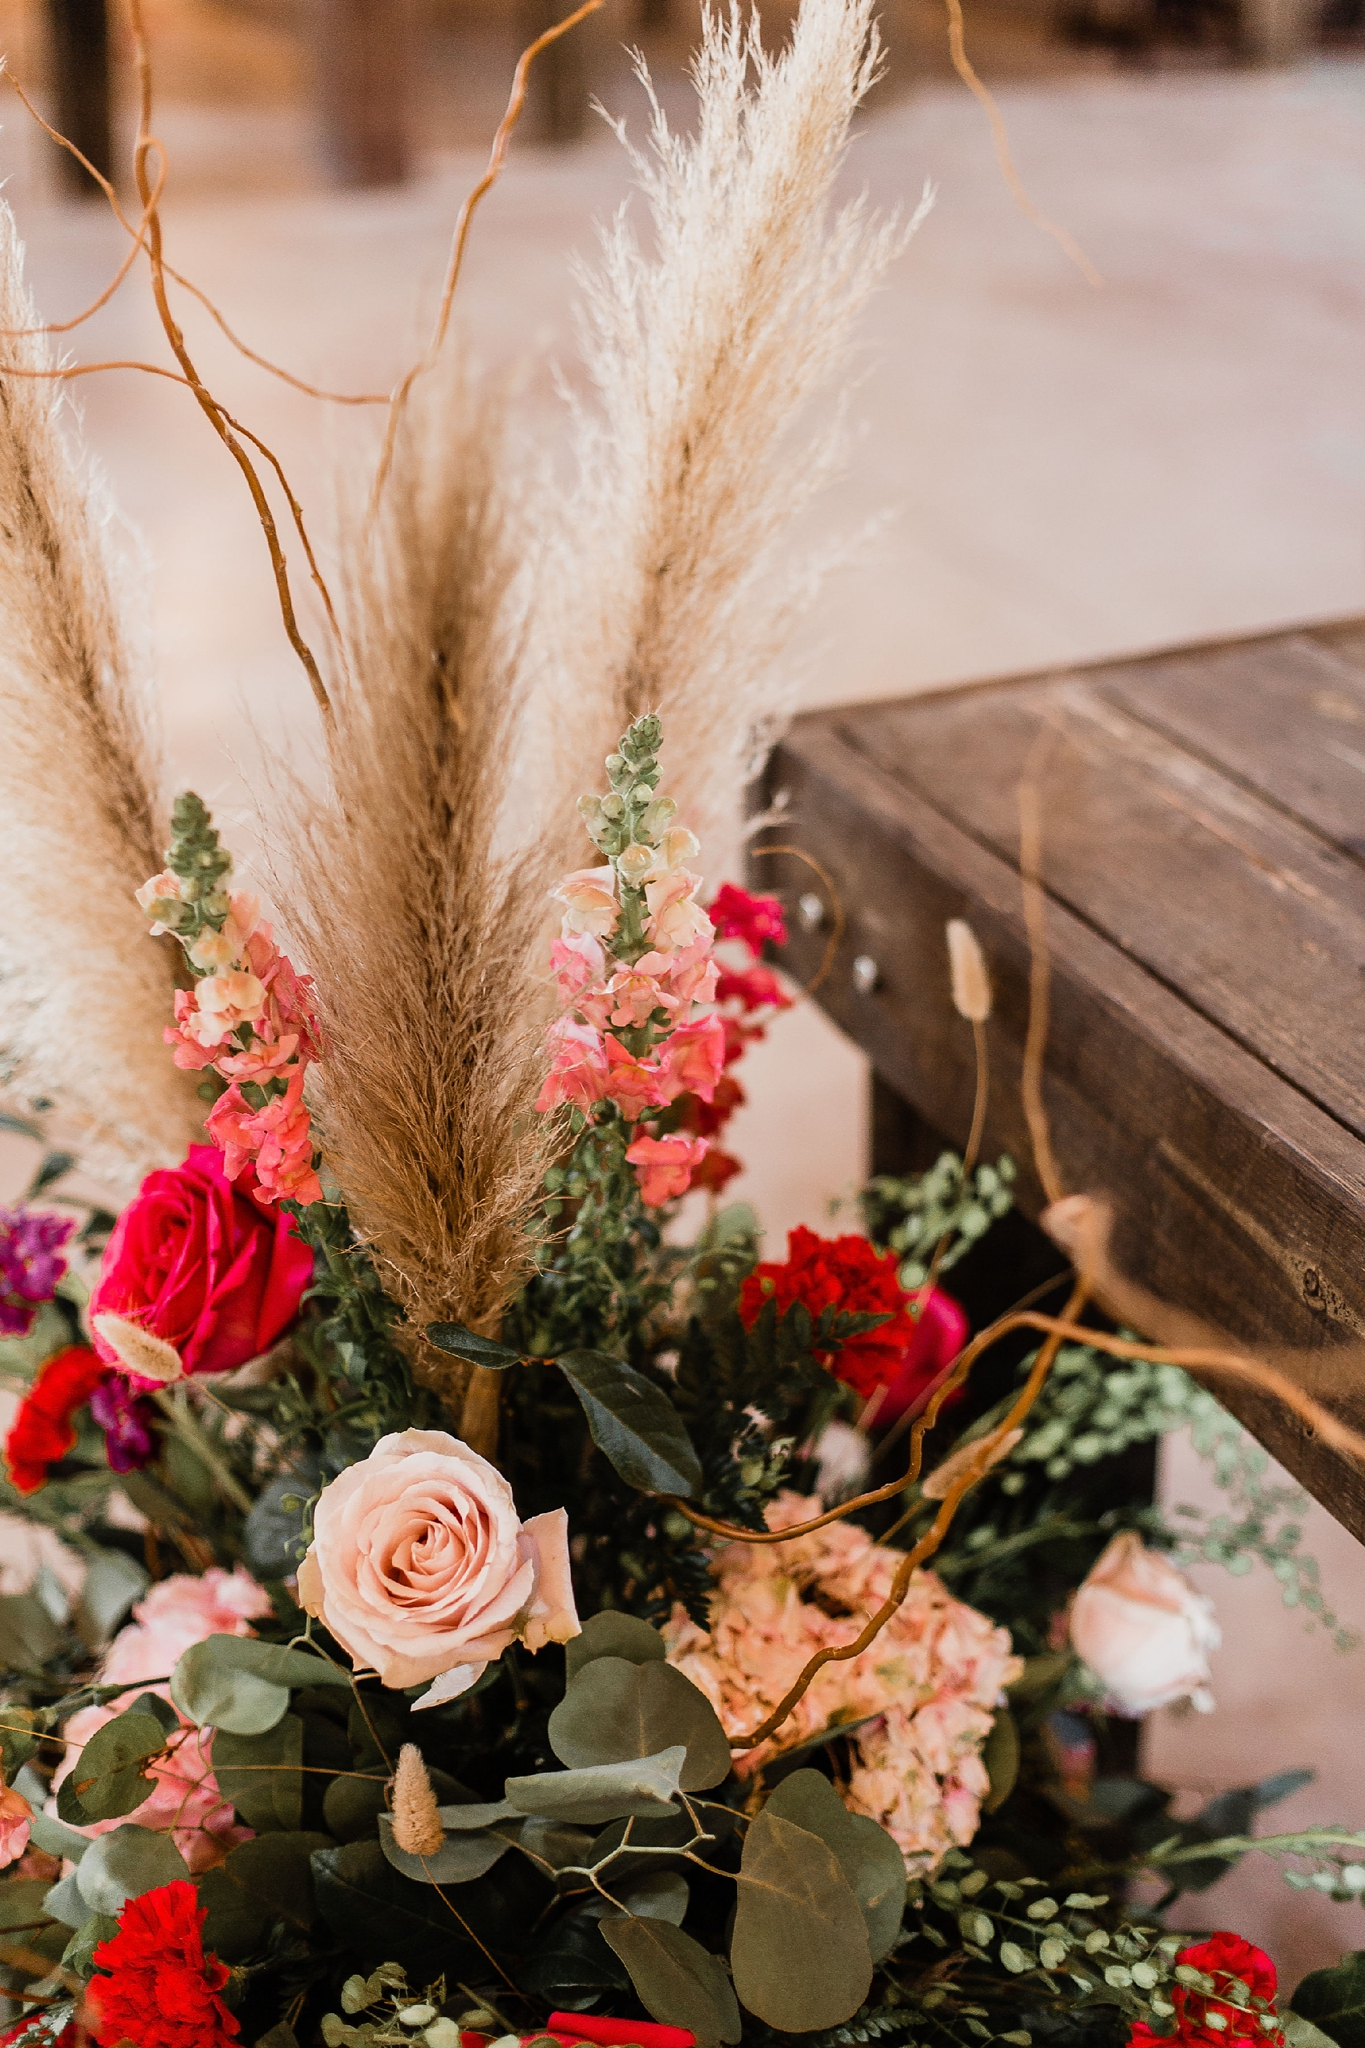 Alicia+lucia+photography+-+albuquerque+wedding+photographer+-+santa+fe+wedding+photography+-+new+mexico+wedding+photographer+-+new+mexico+wedding+-+summer+wedding+-+summer+wedding+florals+-+southwest+wedding_0010.jpg